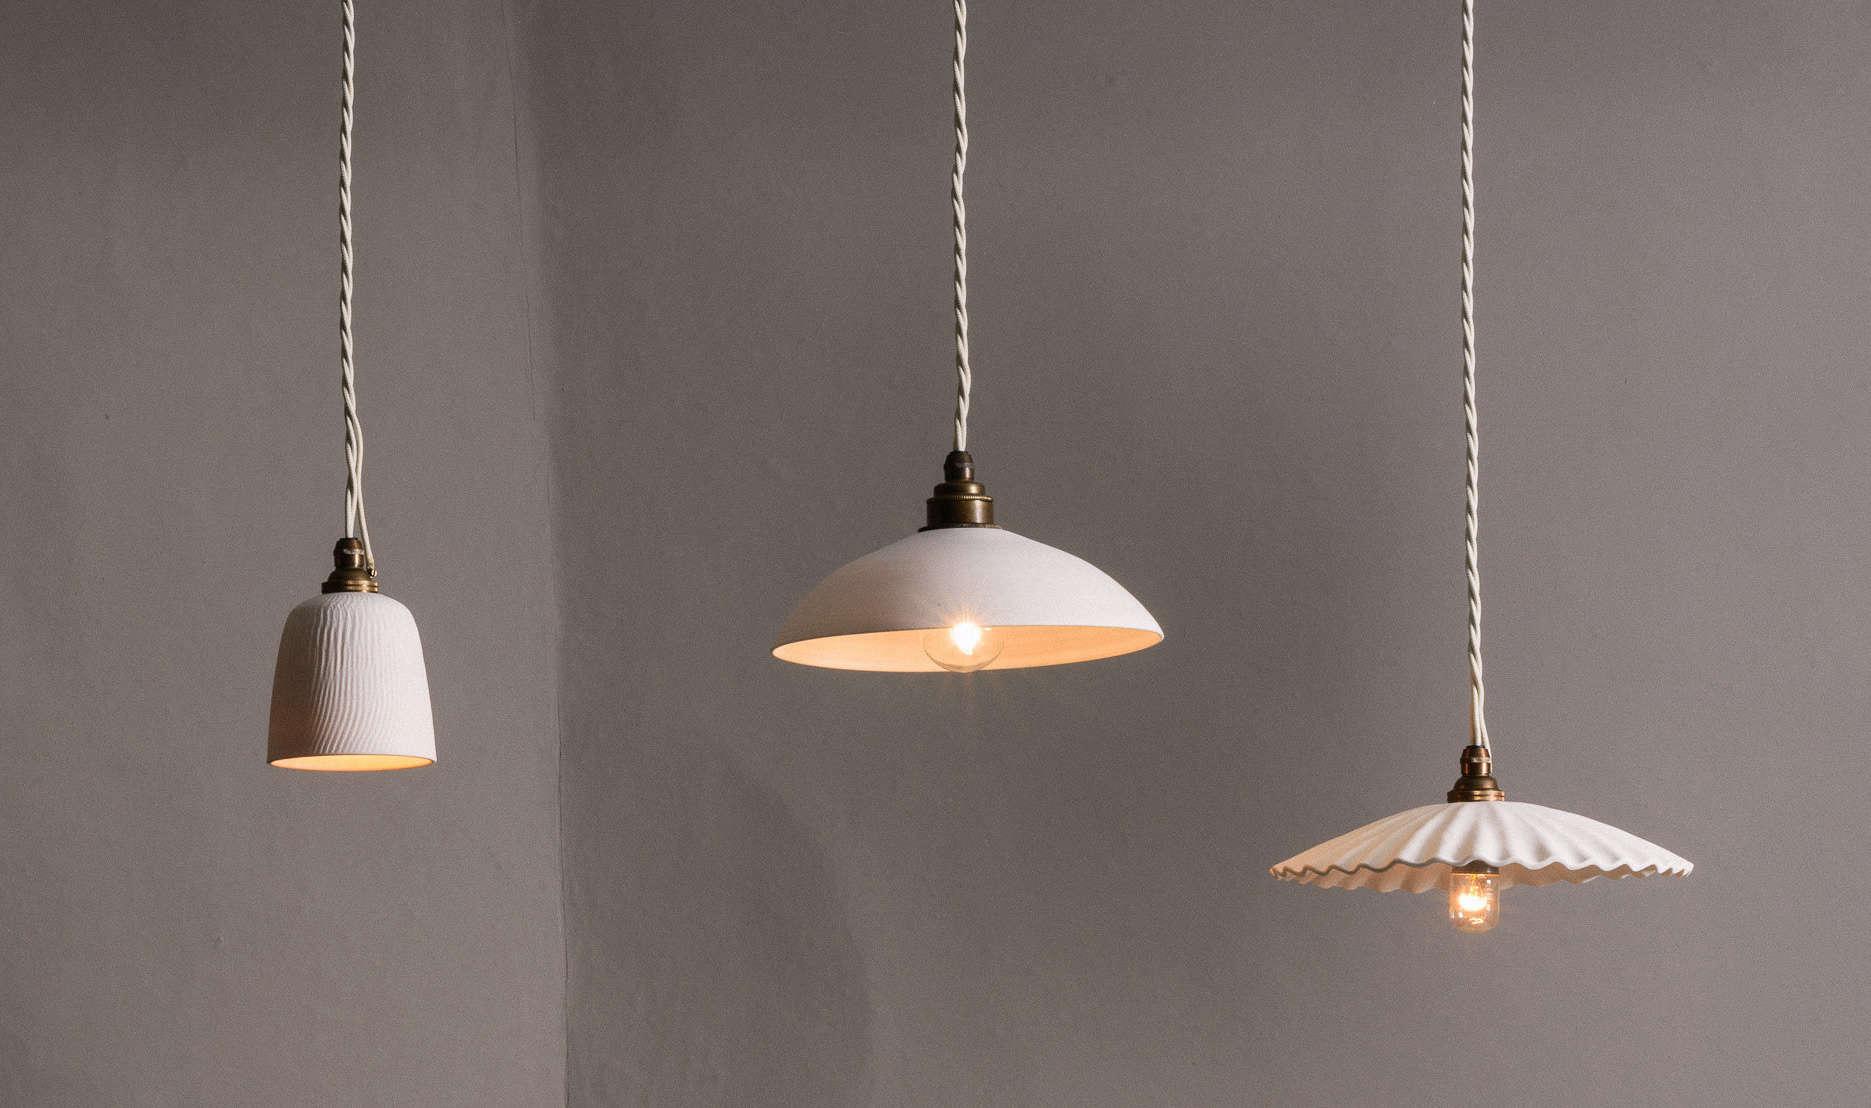 porcelain lighting translucent new from devol porcelain pendant lights handmade in england remodelista